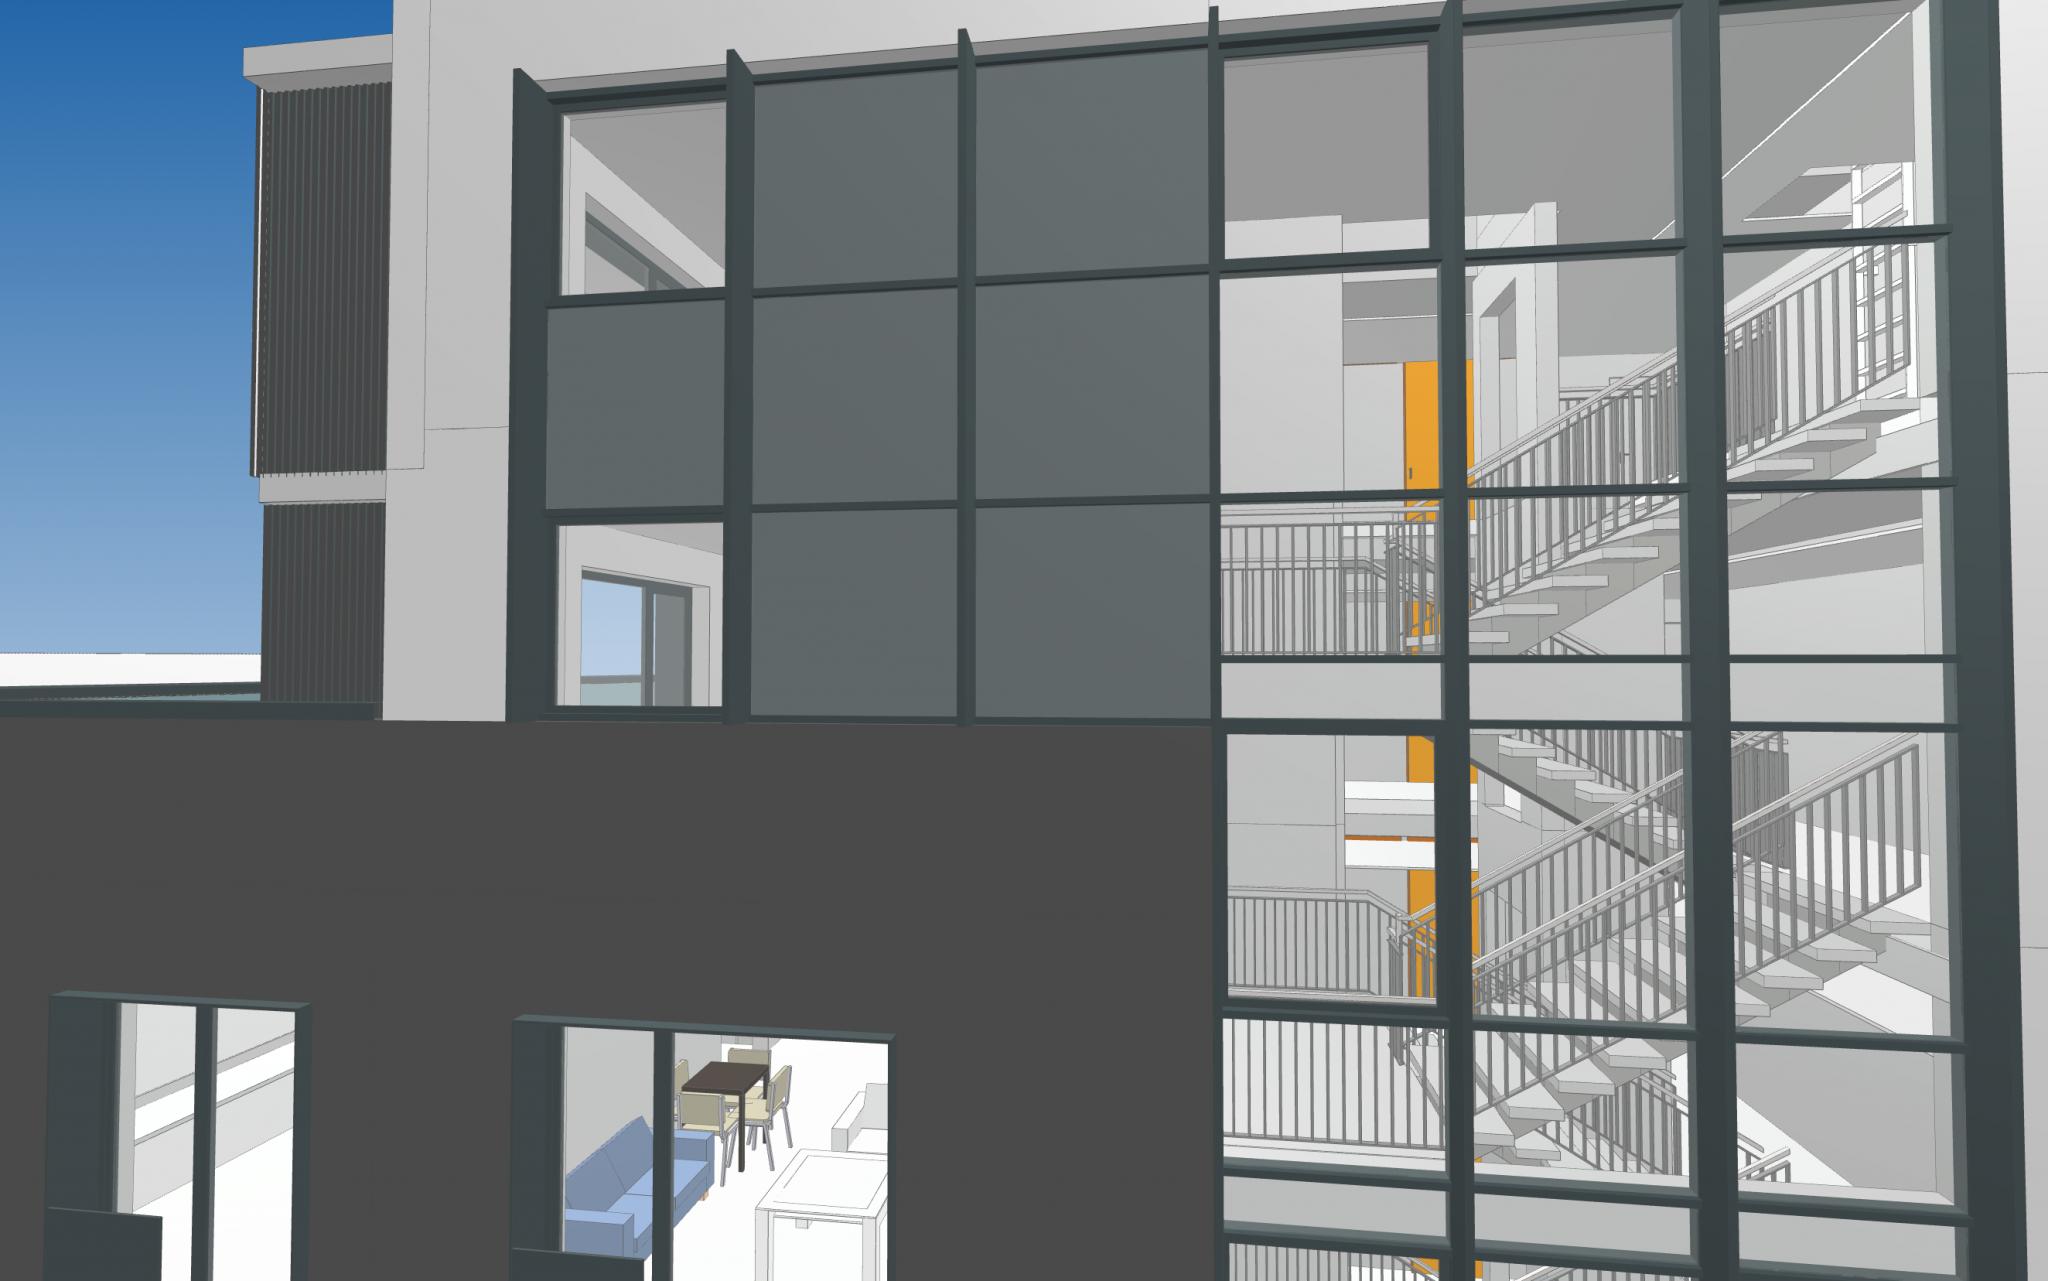 bim design apartments